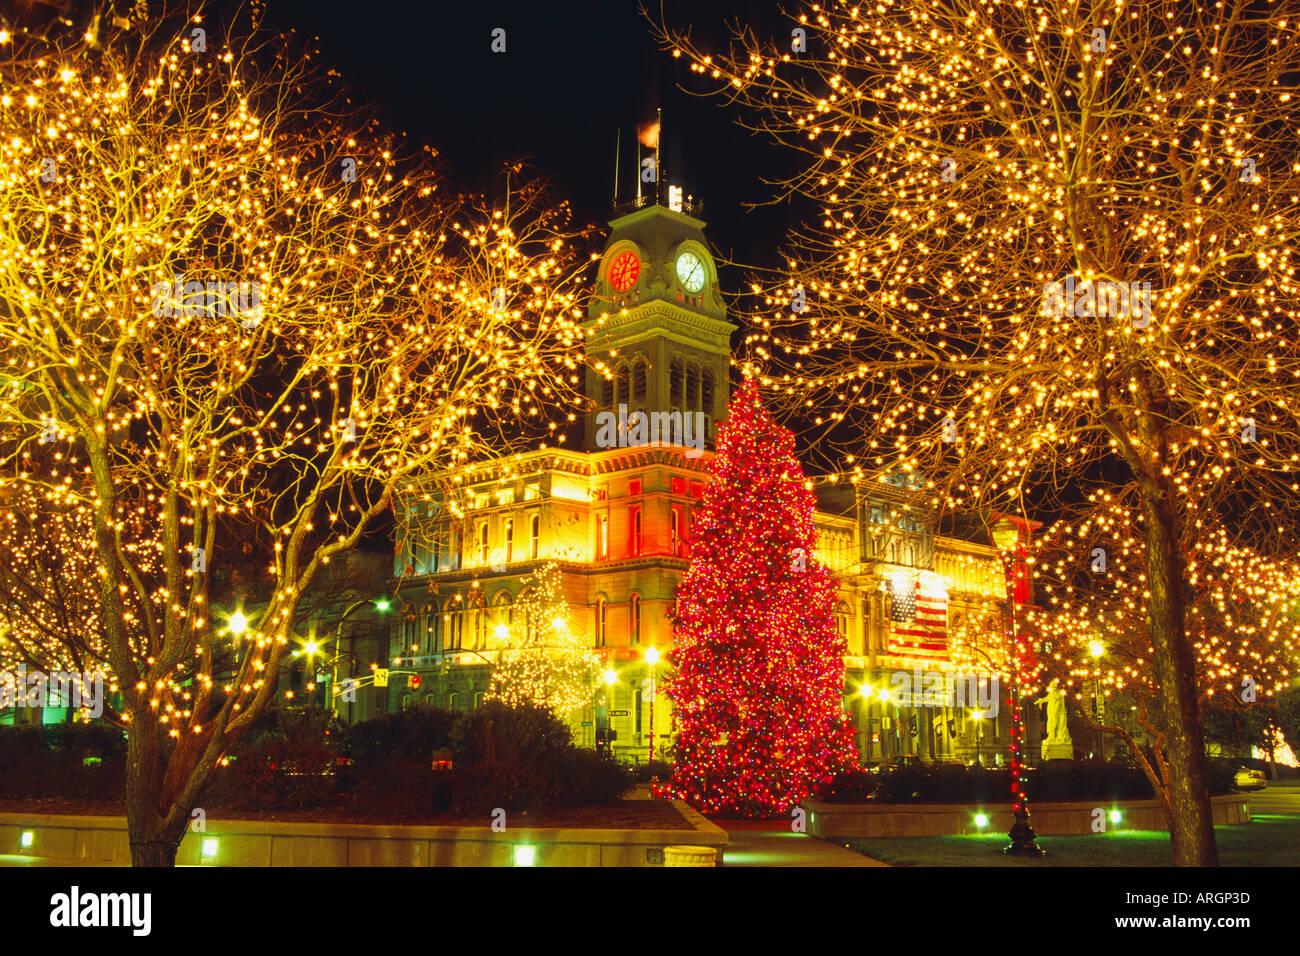 Light Up Louisville Celedration In Downtown Louisville Kentucky